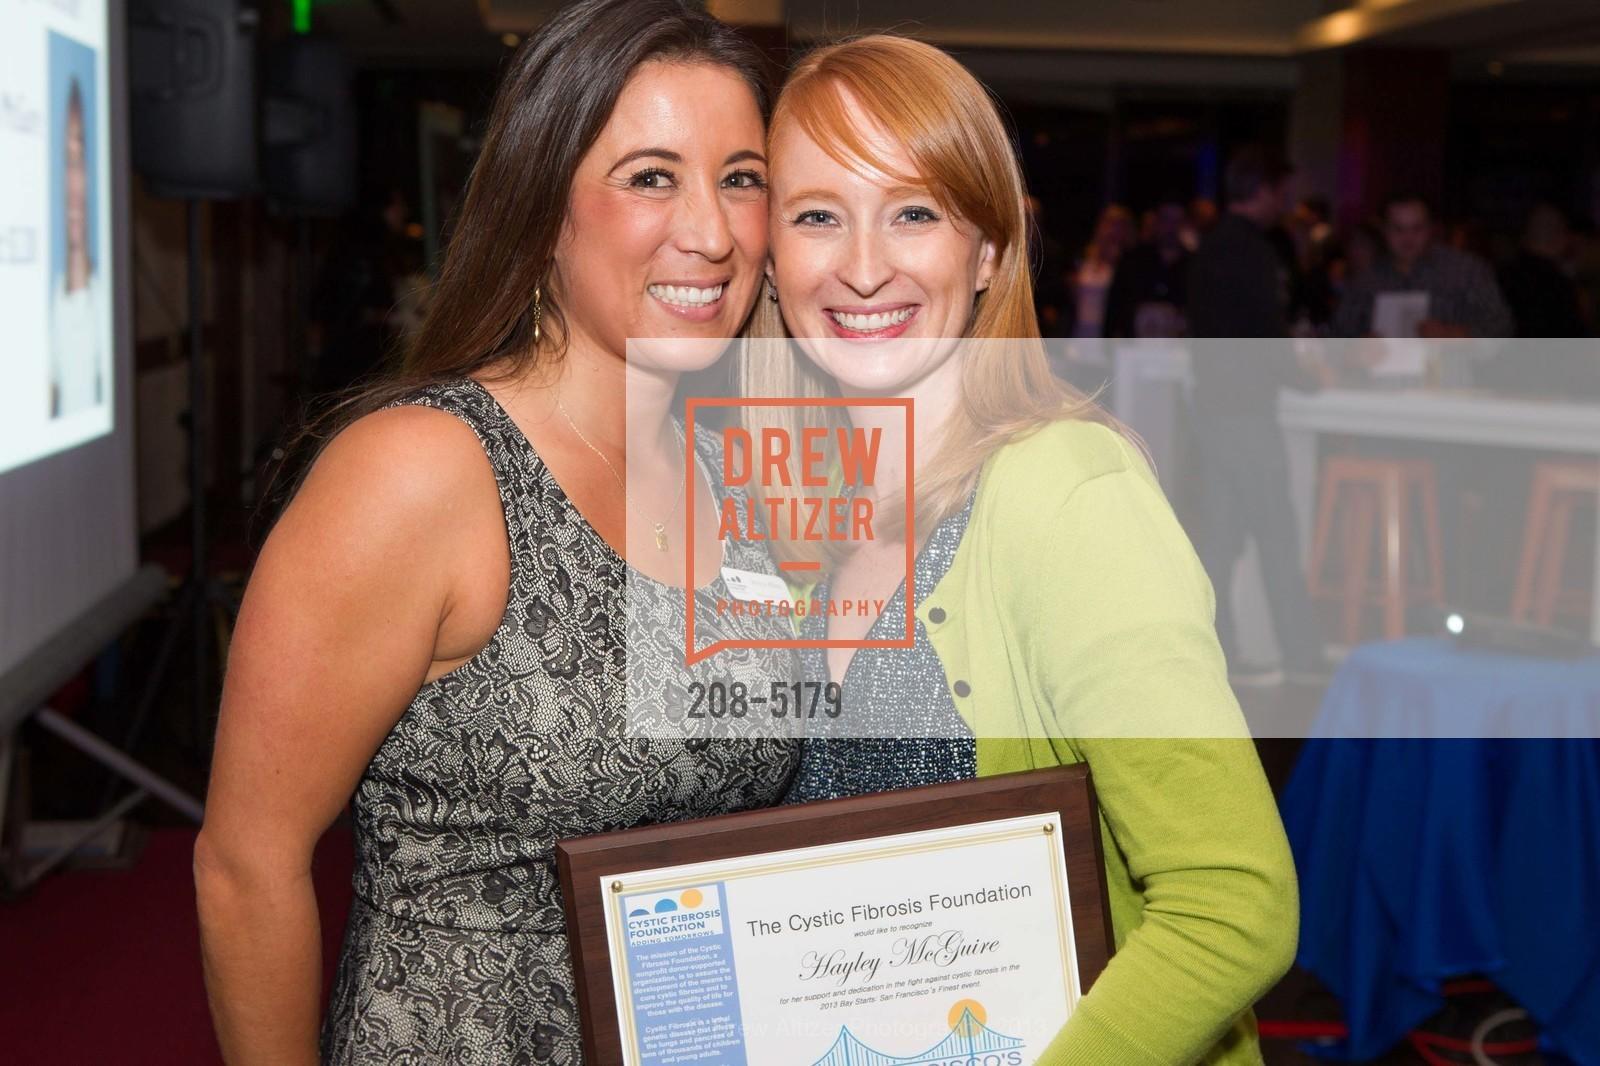 Jessica Albee, Hayley McGuire, Photo #208-5179